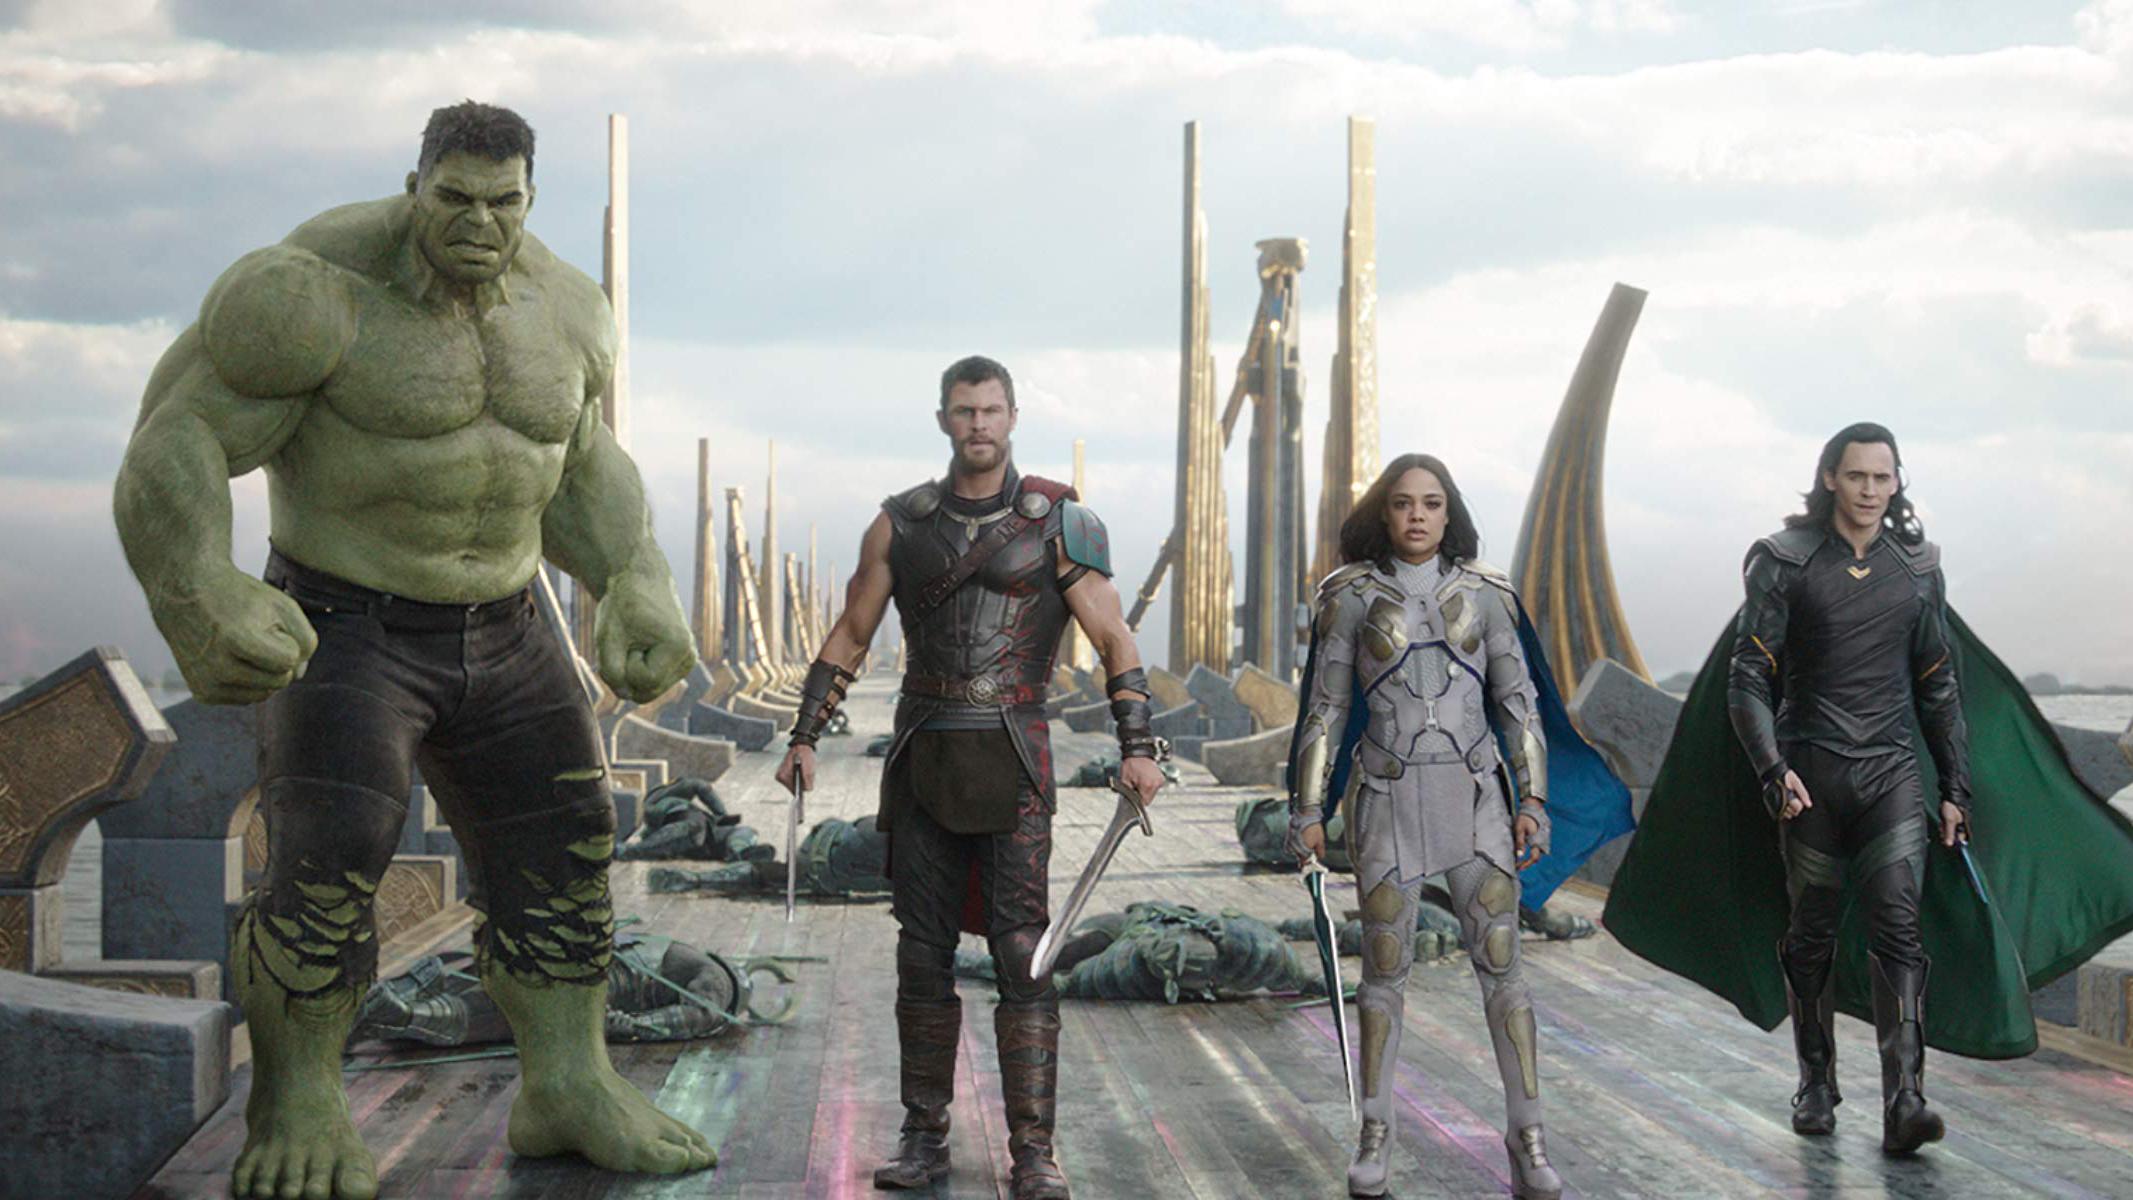 Desde la izquierda: Mark Ruffalo, Chris Hemsworth, Tessa Thompson y Tom Hiddleston en